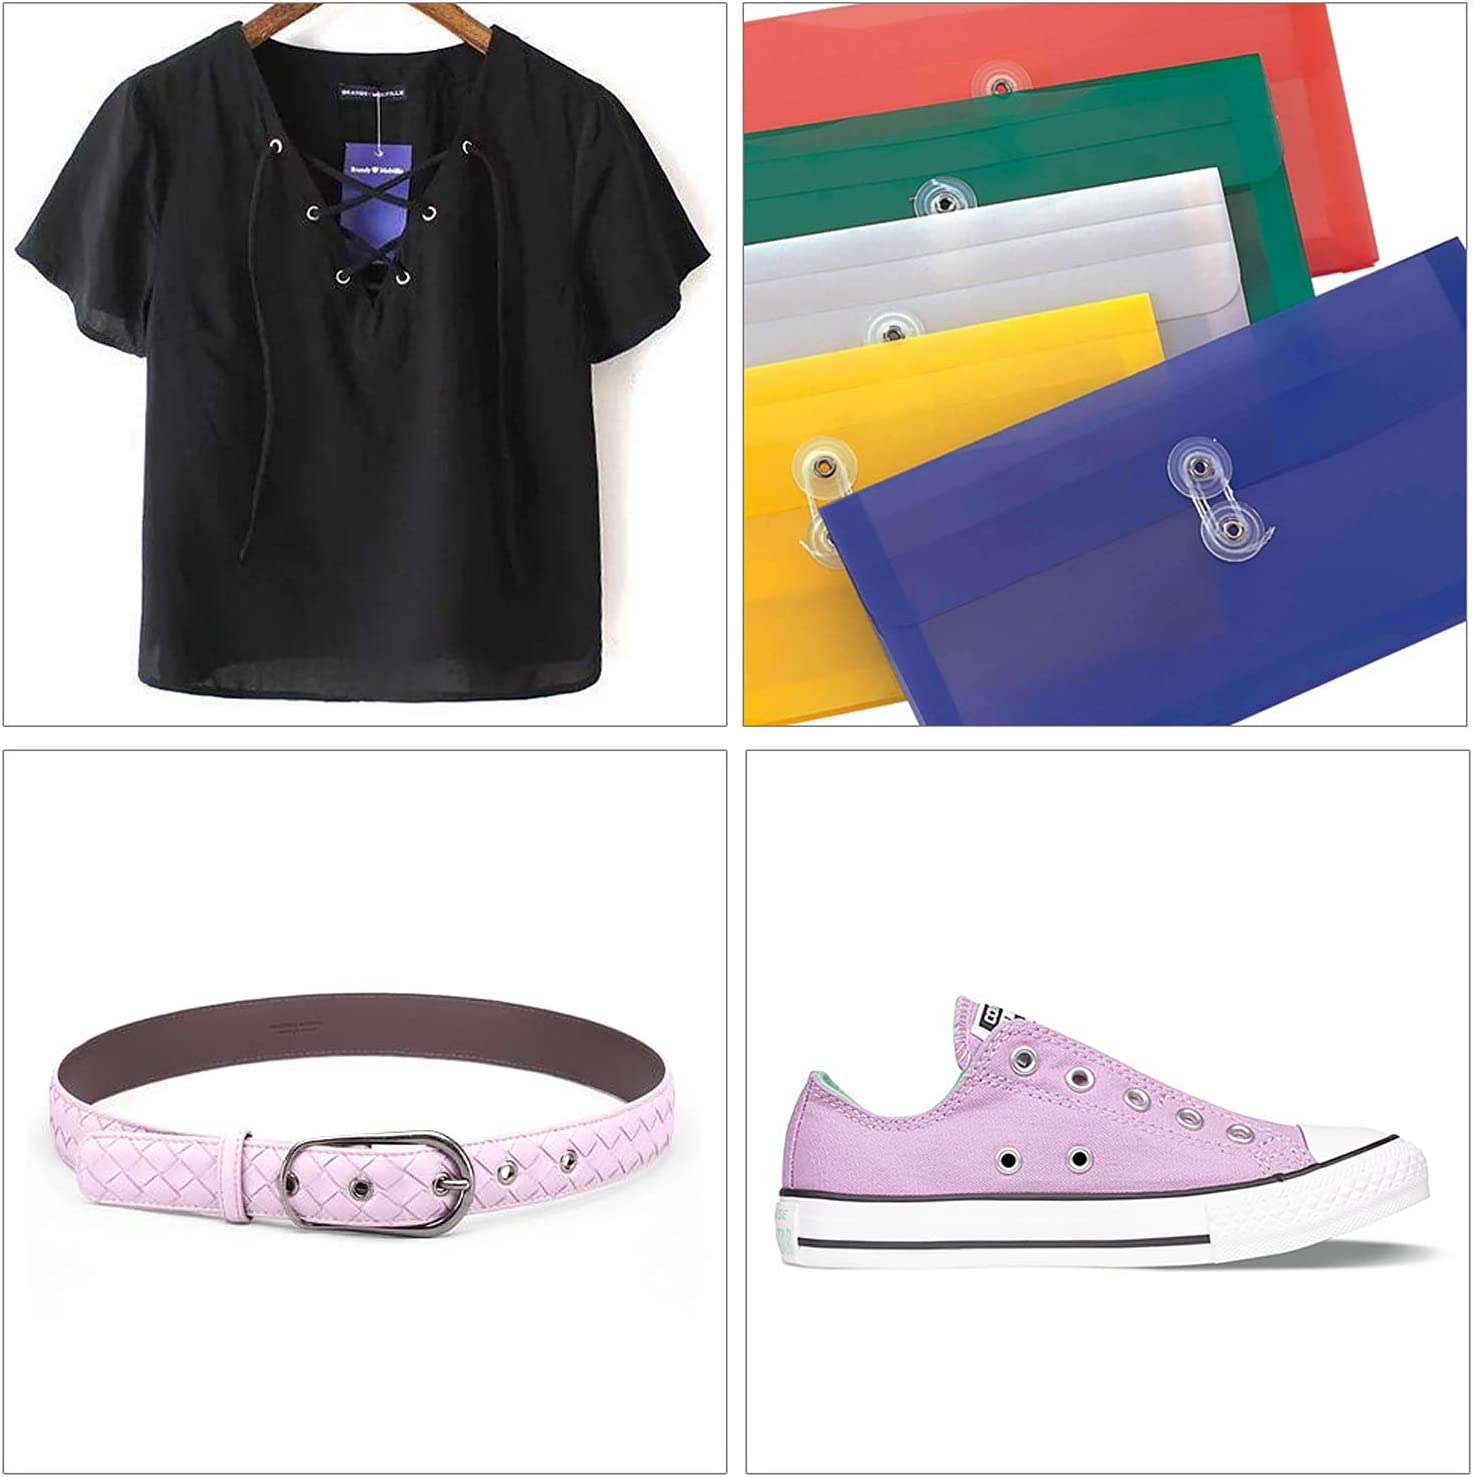 Manualidades y otras Telas Abridor de Aguejeros Ropa Herramienta Fija Box Costura para el Mantenimiento de Zapatos AMIGOB Kit Ojetes Metalicos 12 mm con 150pcs Ojetes